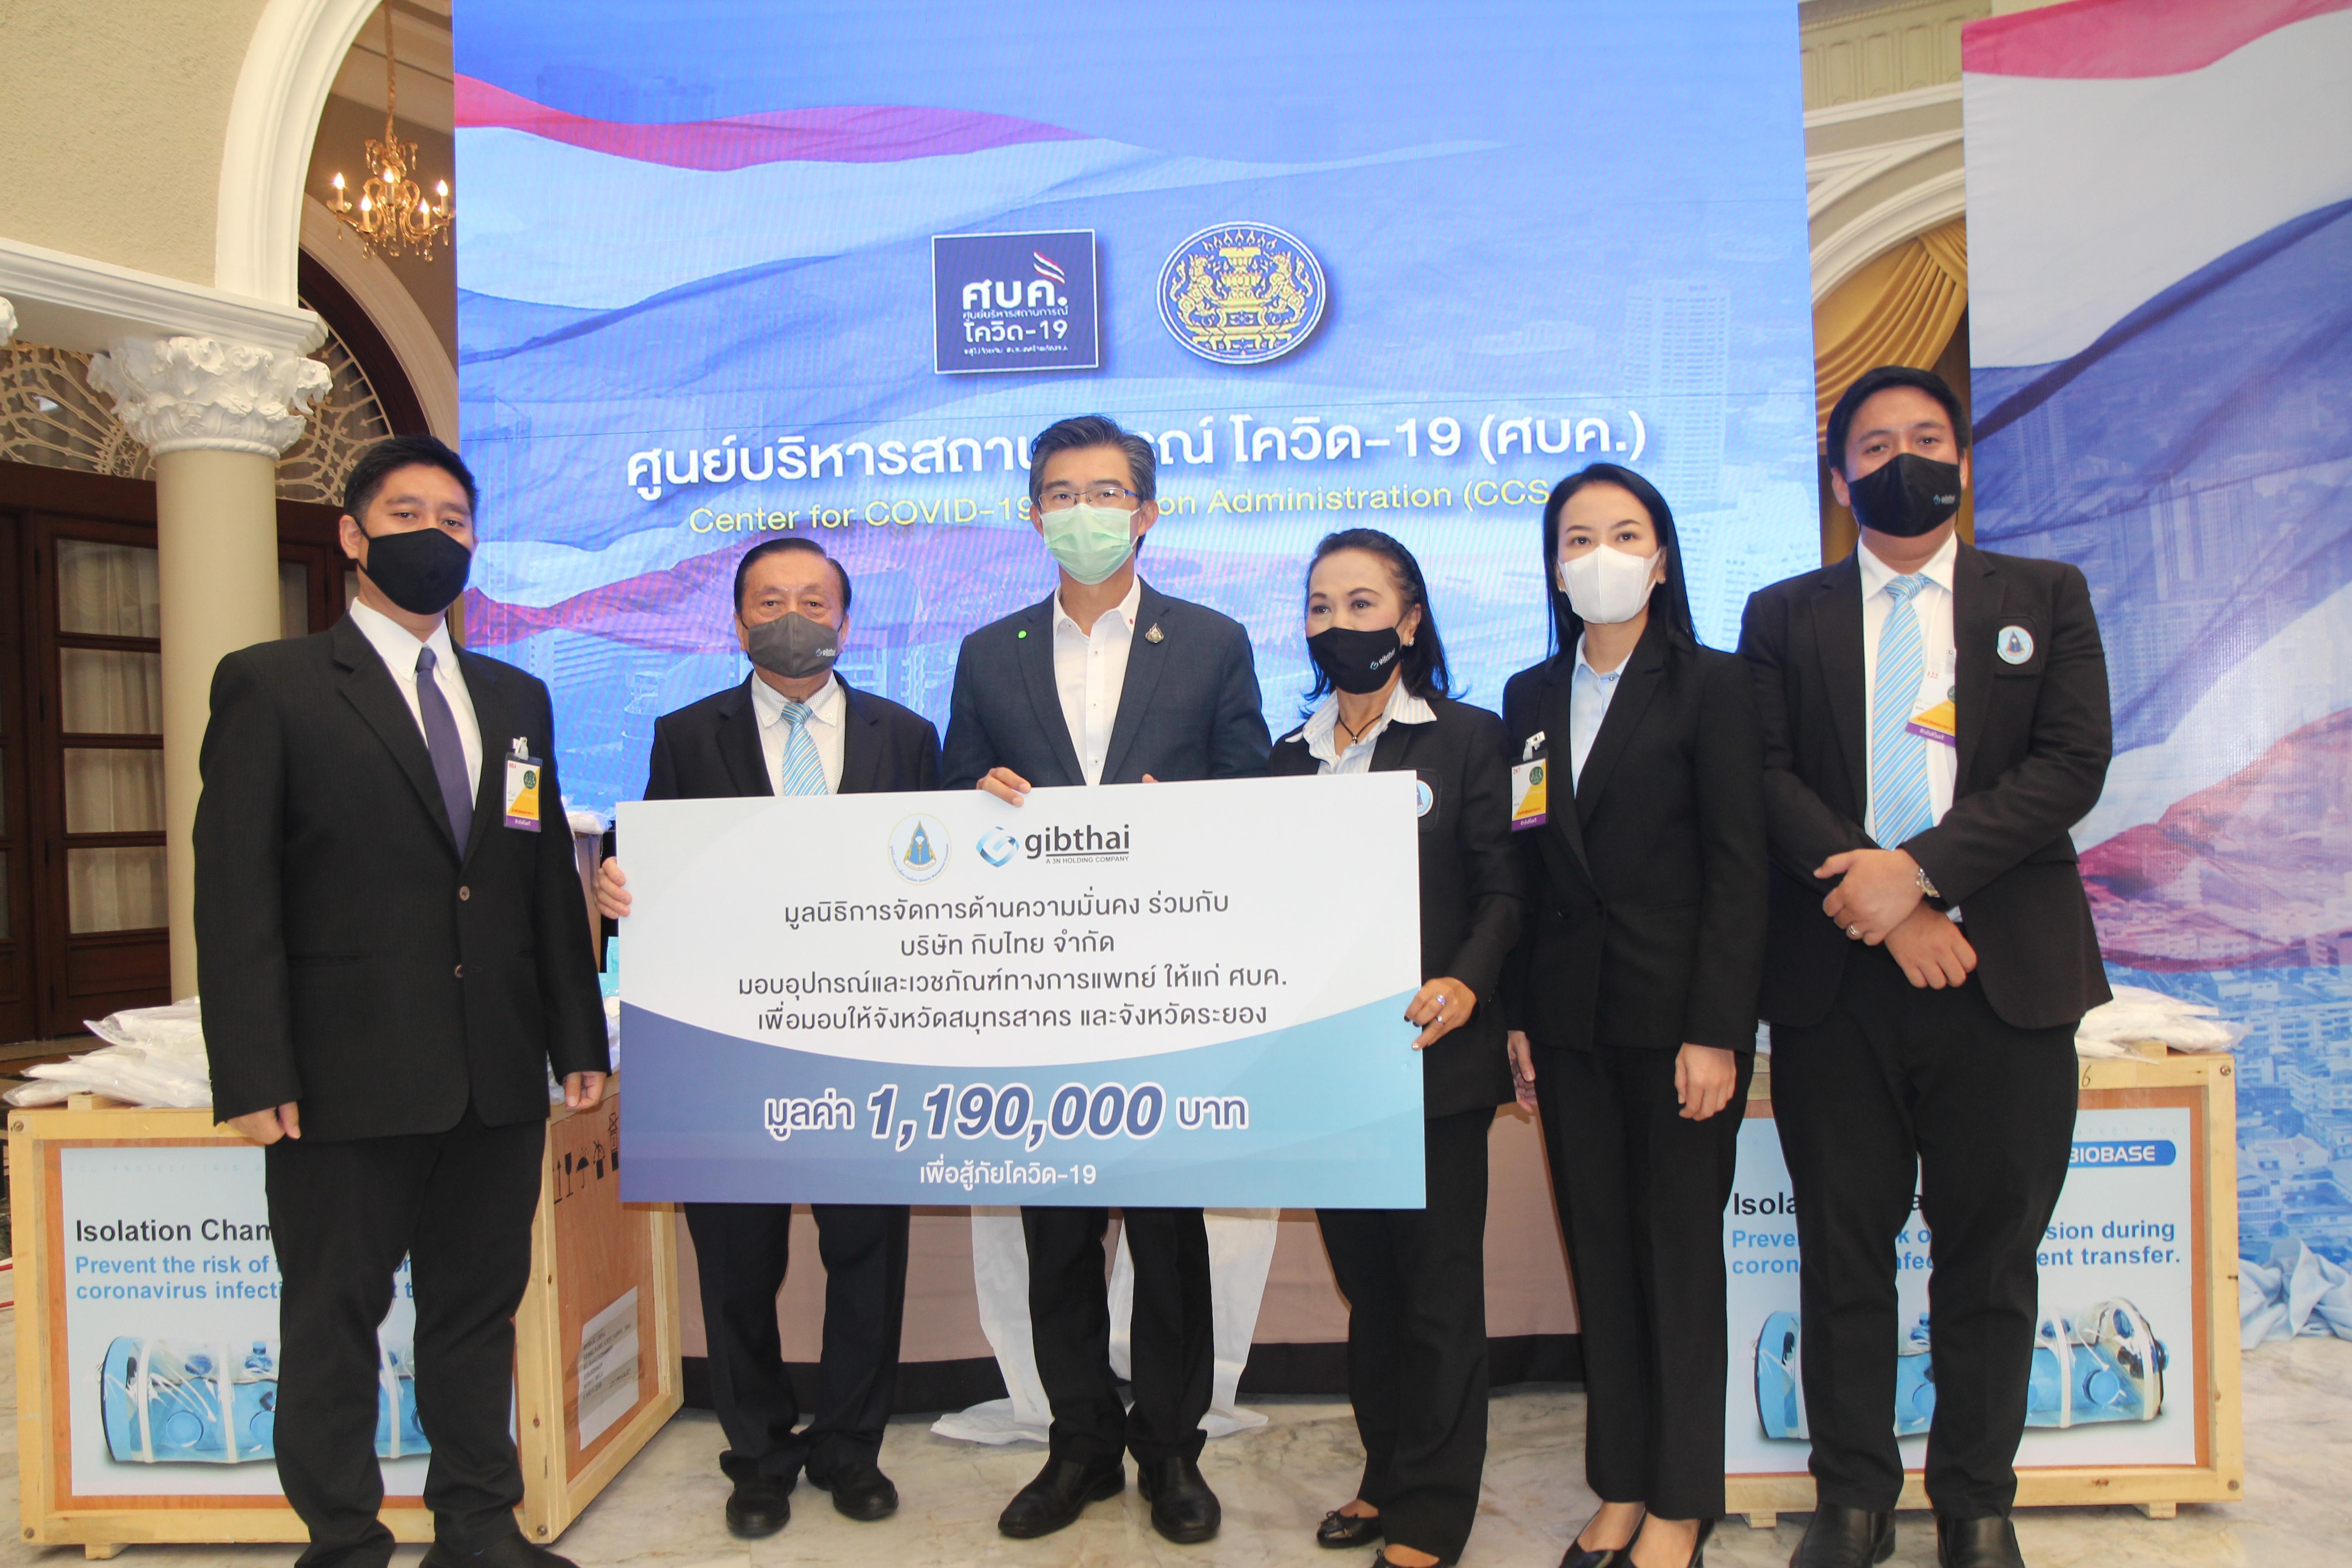 บริษัท กิบไทย จำกัด บริจาคอุปกรณ์และเวชภัณฑ์ทางทางการแพทย์ให้กับ ศูนย์บริหารสถานการณ์การแพร่ระบาดของโรคติดเชื้อไวรัสโคโรนา 2019